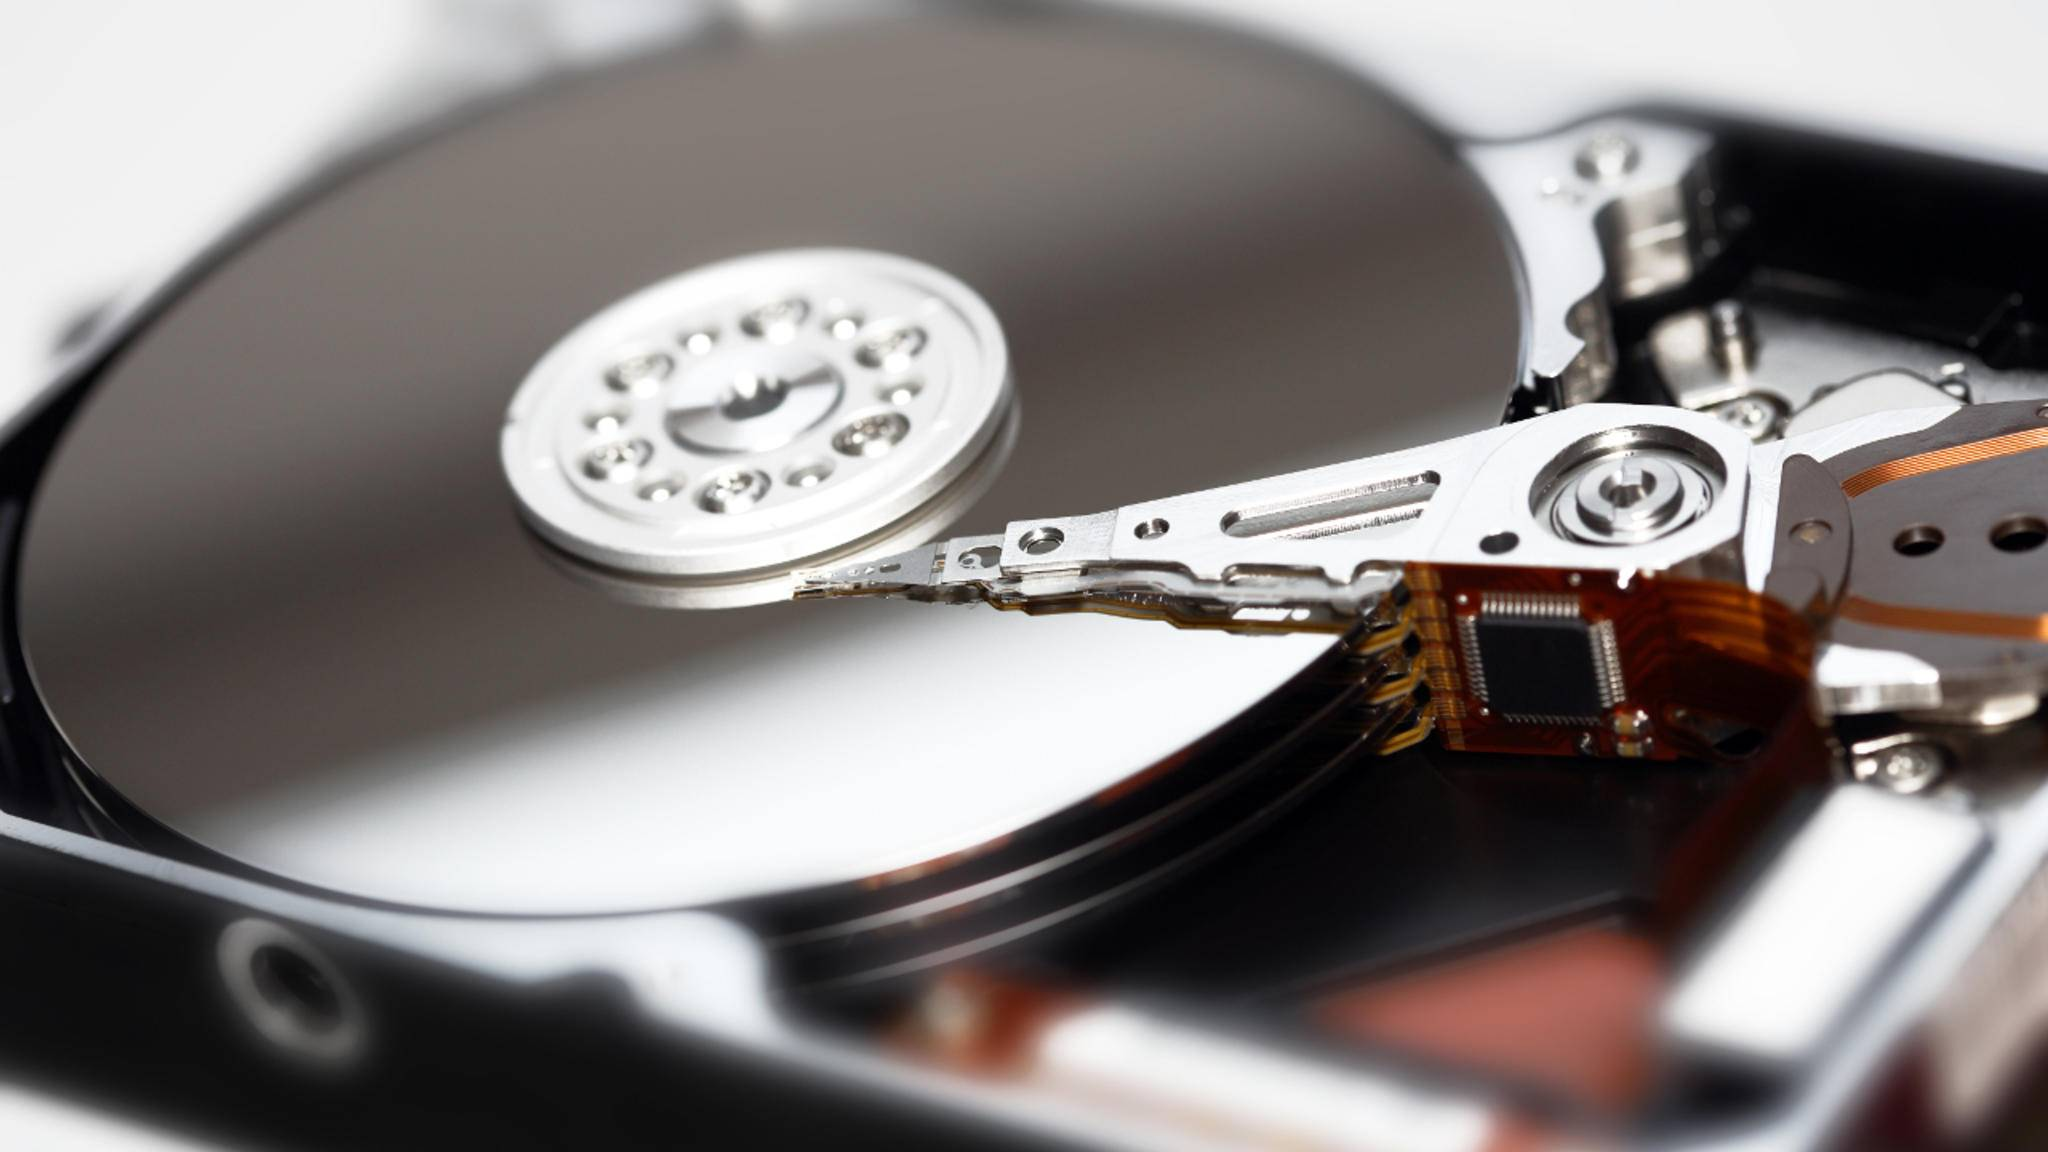 Die Festplattenverschlüsselung Bitlocker lässt sich mit Windows-Bordmitteln deaktivieren.